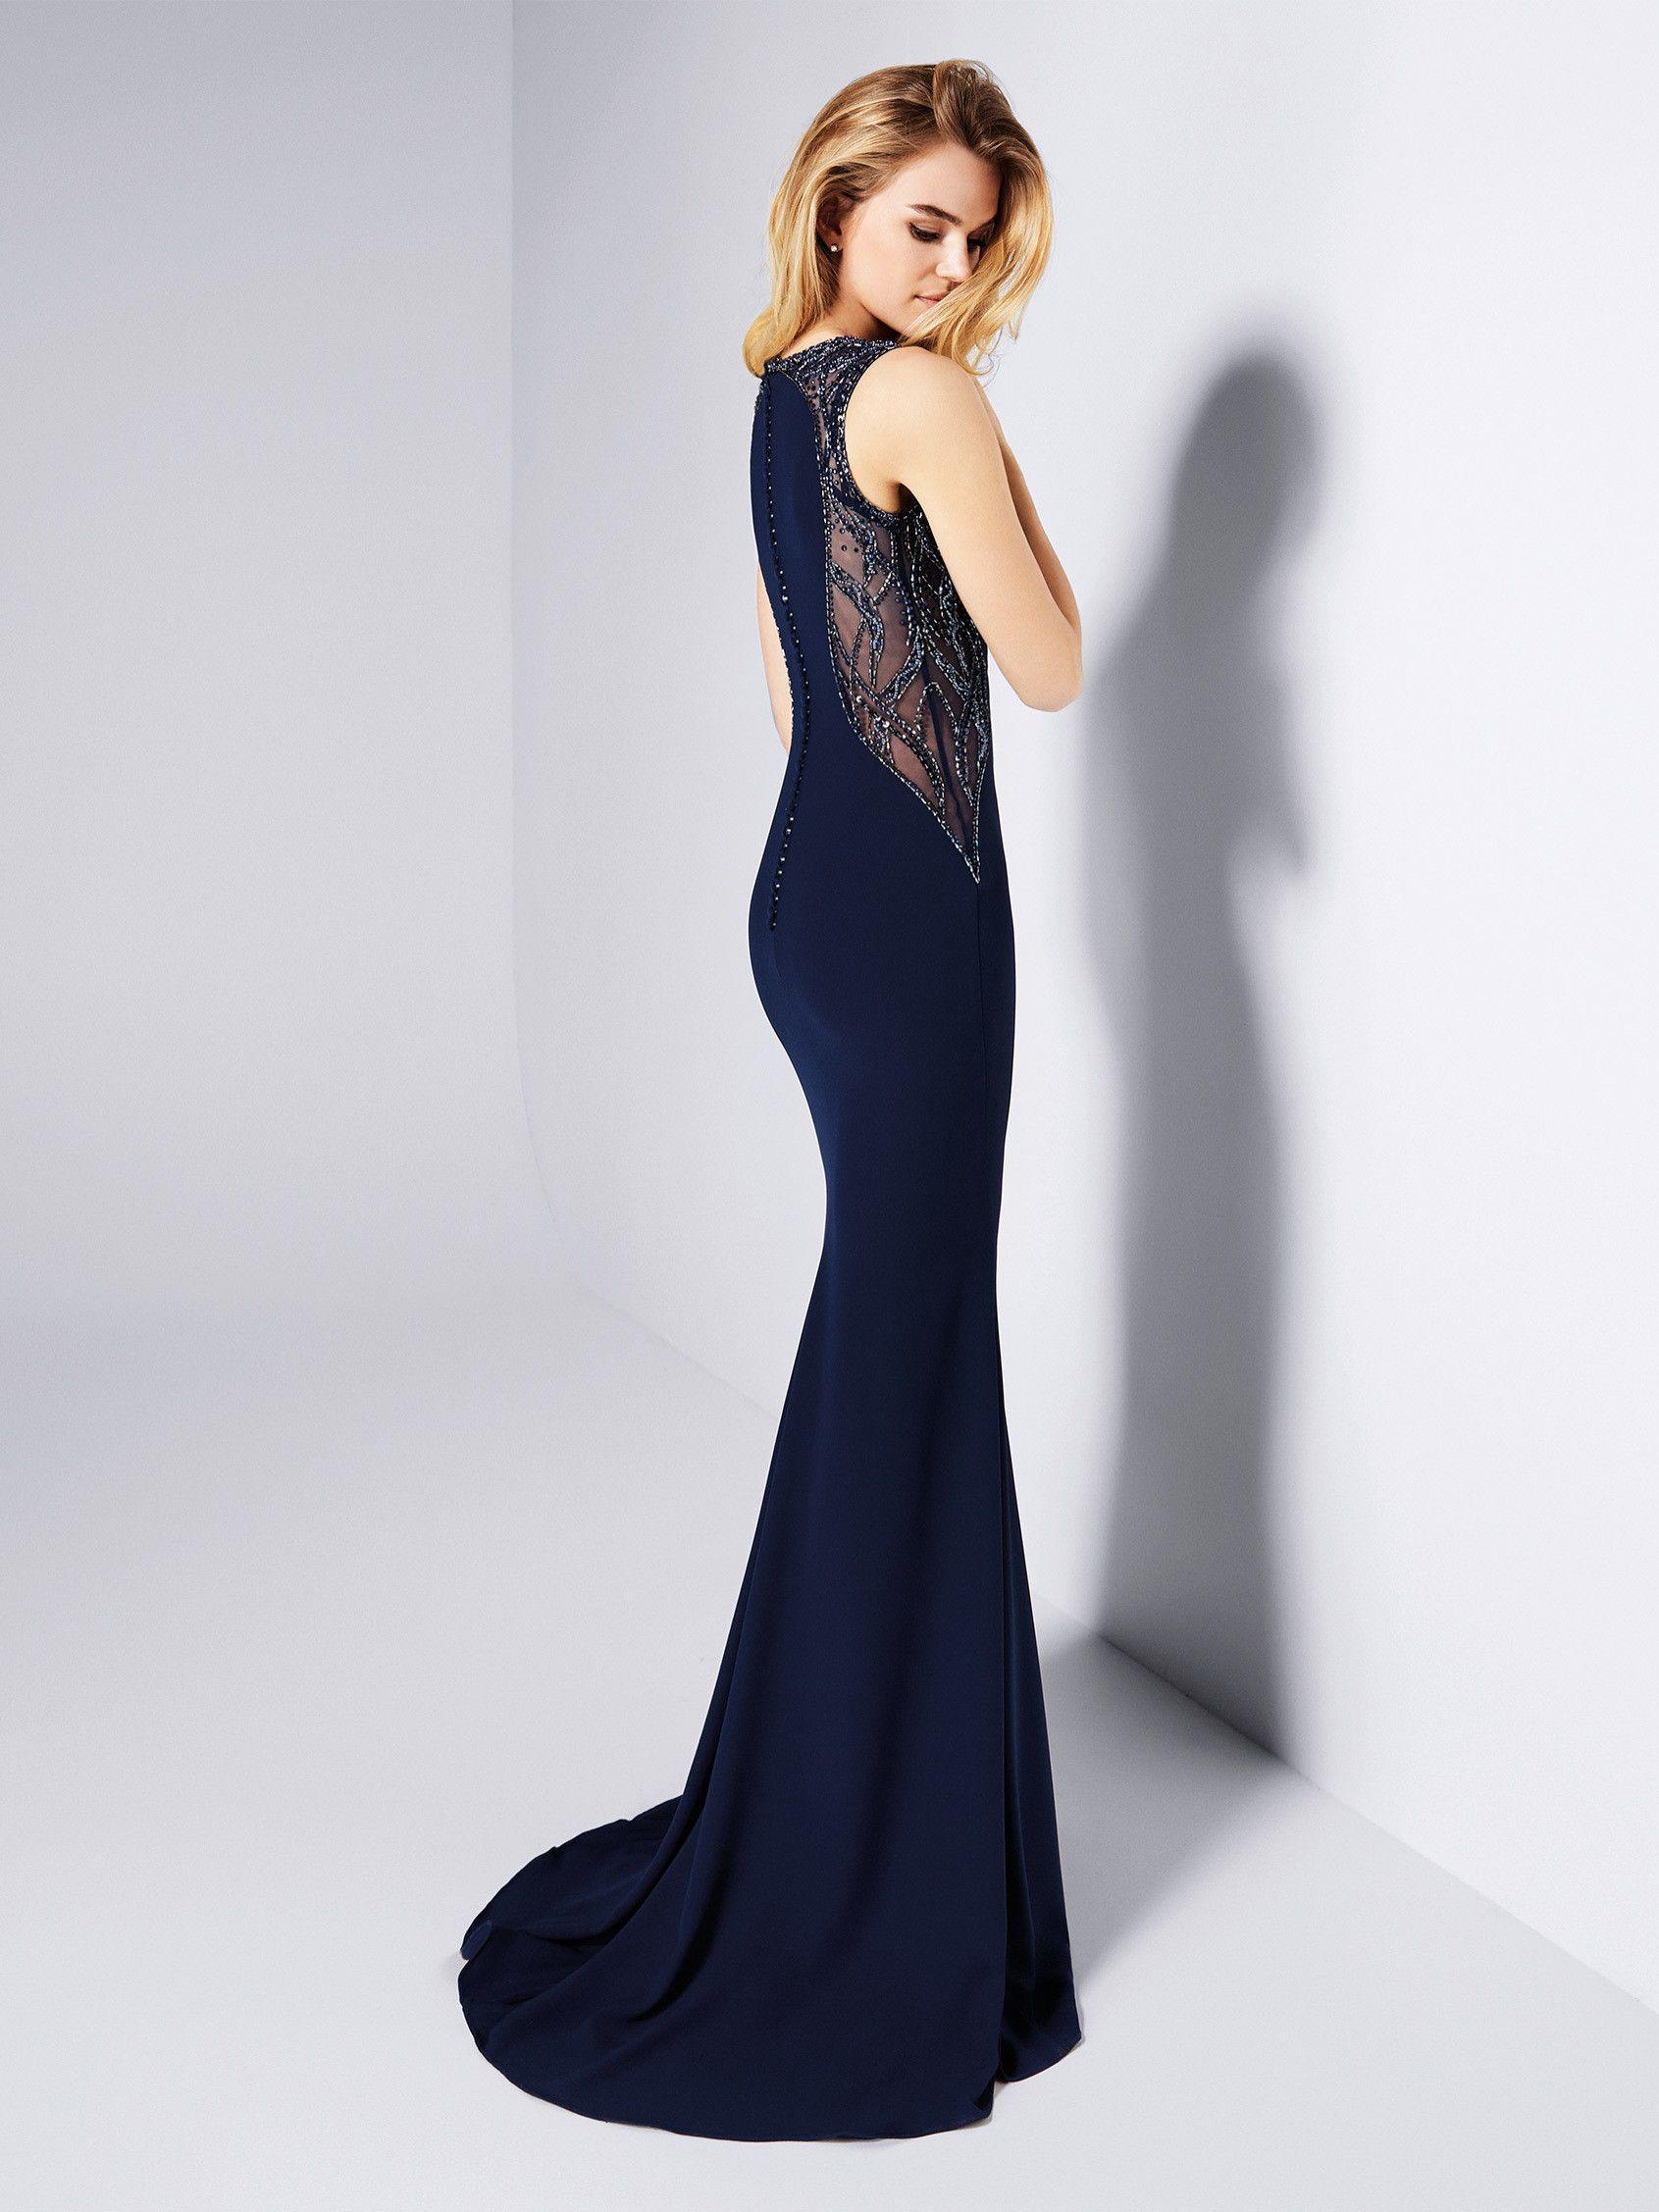 806454f3ed Vestido de invitada azul noche - Colección fiesta 2018 Pronovias ...